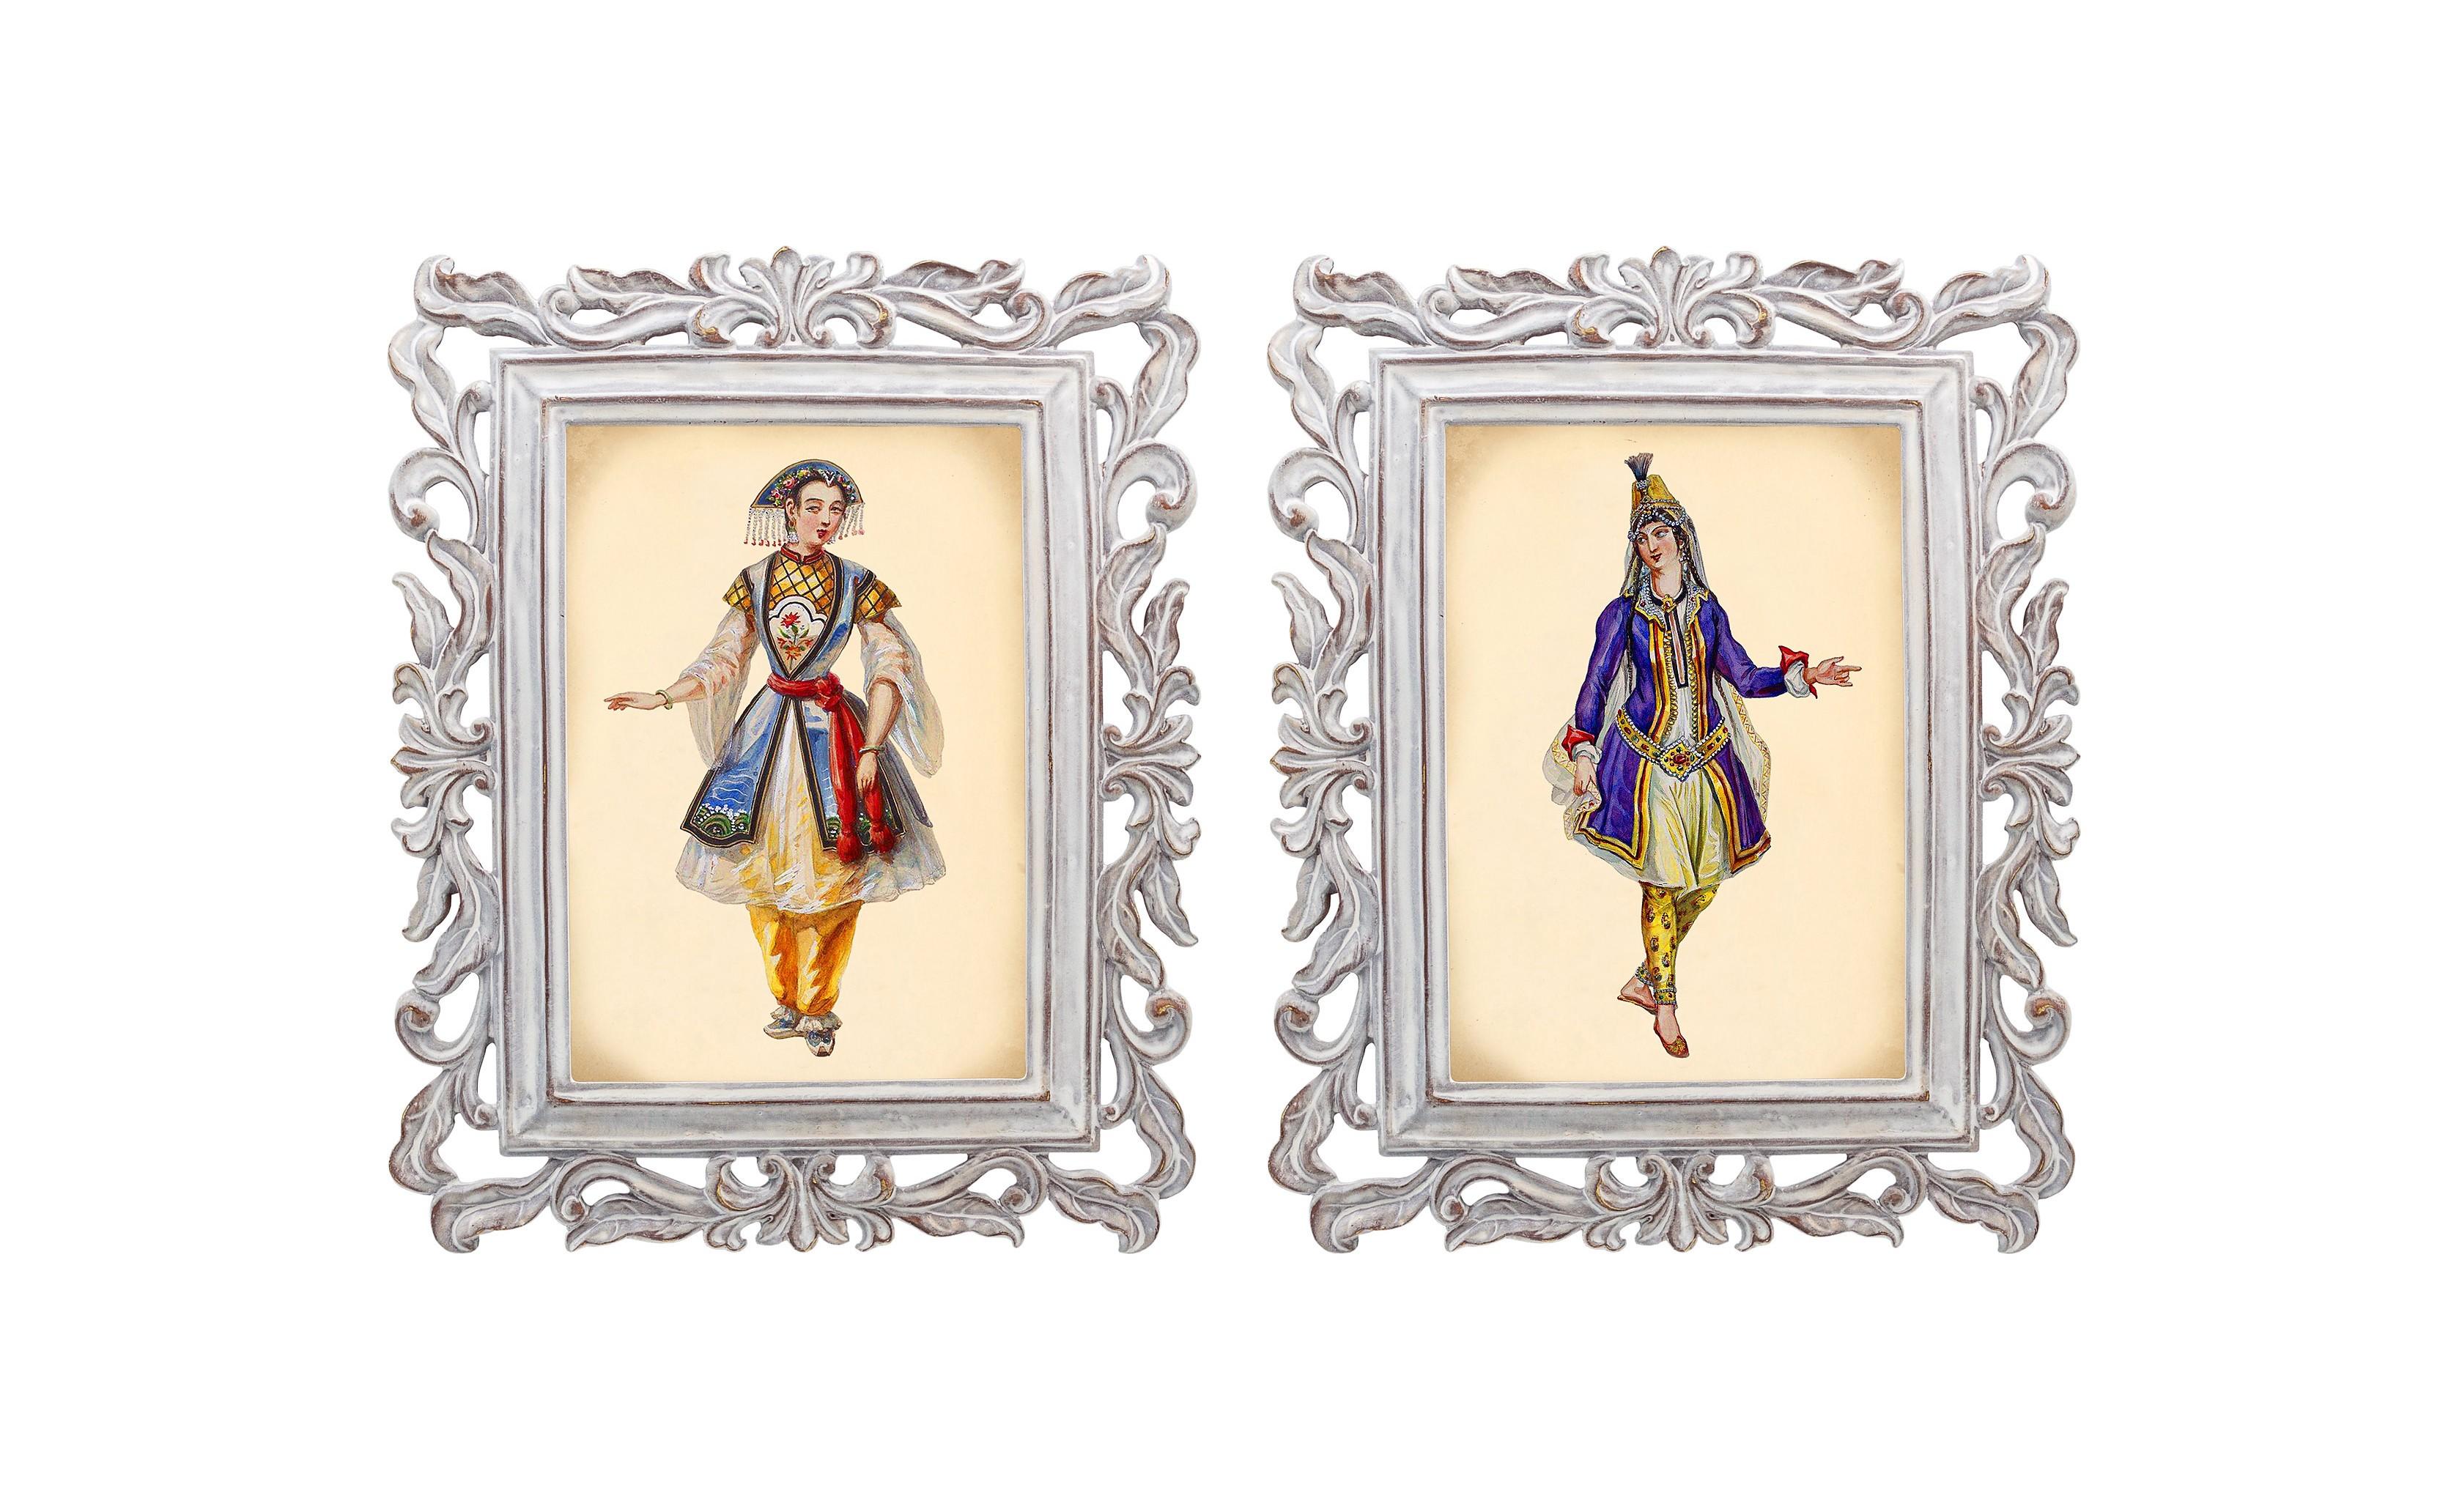 Набор из двух репродукций  АгатаКартины<br>В моде викторианской эпохи достигалась гармония между женской хрупкостью и неприступной гордостью. Репродукции старинных картин из серии «Бурлеск» напоминают об этом времени богатства, роскоши и поистине королевского стиля. Это не только сентиментальное воспоминание о предметах и целых эпохах прошлого, — это еще и оригинальная деталь интерьера, которая поражает множеством элементов и эффектно смотрится в любом пространстве.<br>Этот изящный предмет декора завораживает и создает особую уютную атмосферу.<br>Изображения картин наполнены уникальными эмоциями и тайной, скрытой под кристально прозрачным стеклом.<br>Если Вам захочется обновить интерьер, Вы можете с легкостью заменить изображение картины!<br>Искусная техника состаривания придает раме особую теплоту и винтажность. <br>Каждый изгиб рамы уносит воображение в захватывающую дух историю.<br>Античный цвет элегантен и тонок.<br>Благородная патина на поверхности рамы — интригующее приглашение к прогулке в мир старинных реликвий!<br><br>Material: Камень<br>Width см: 21<br>Depth см: 1,7<br>Height см: 26